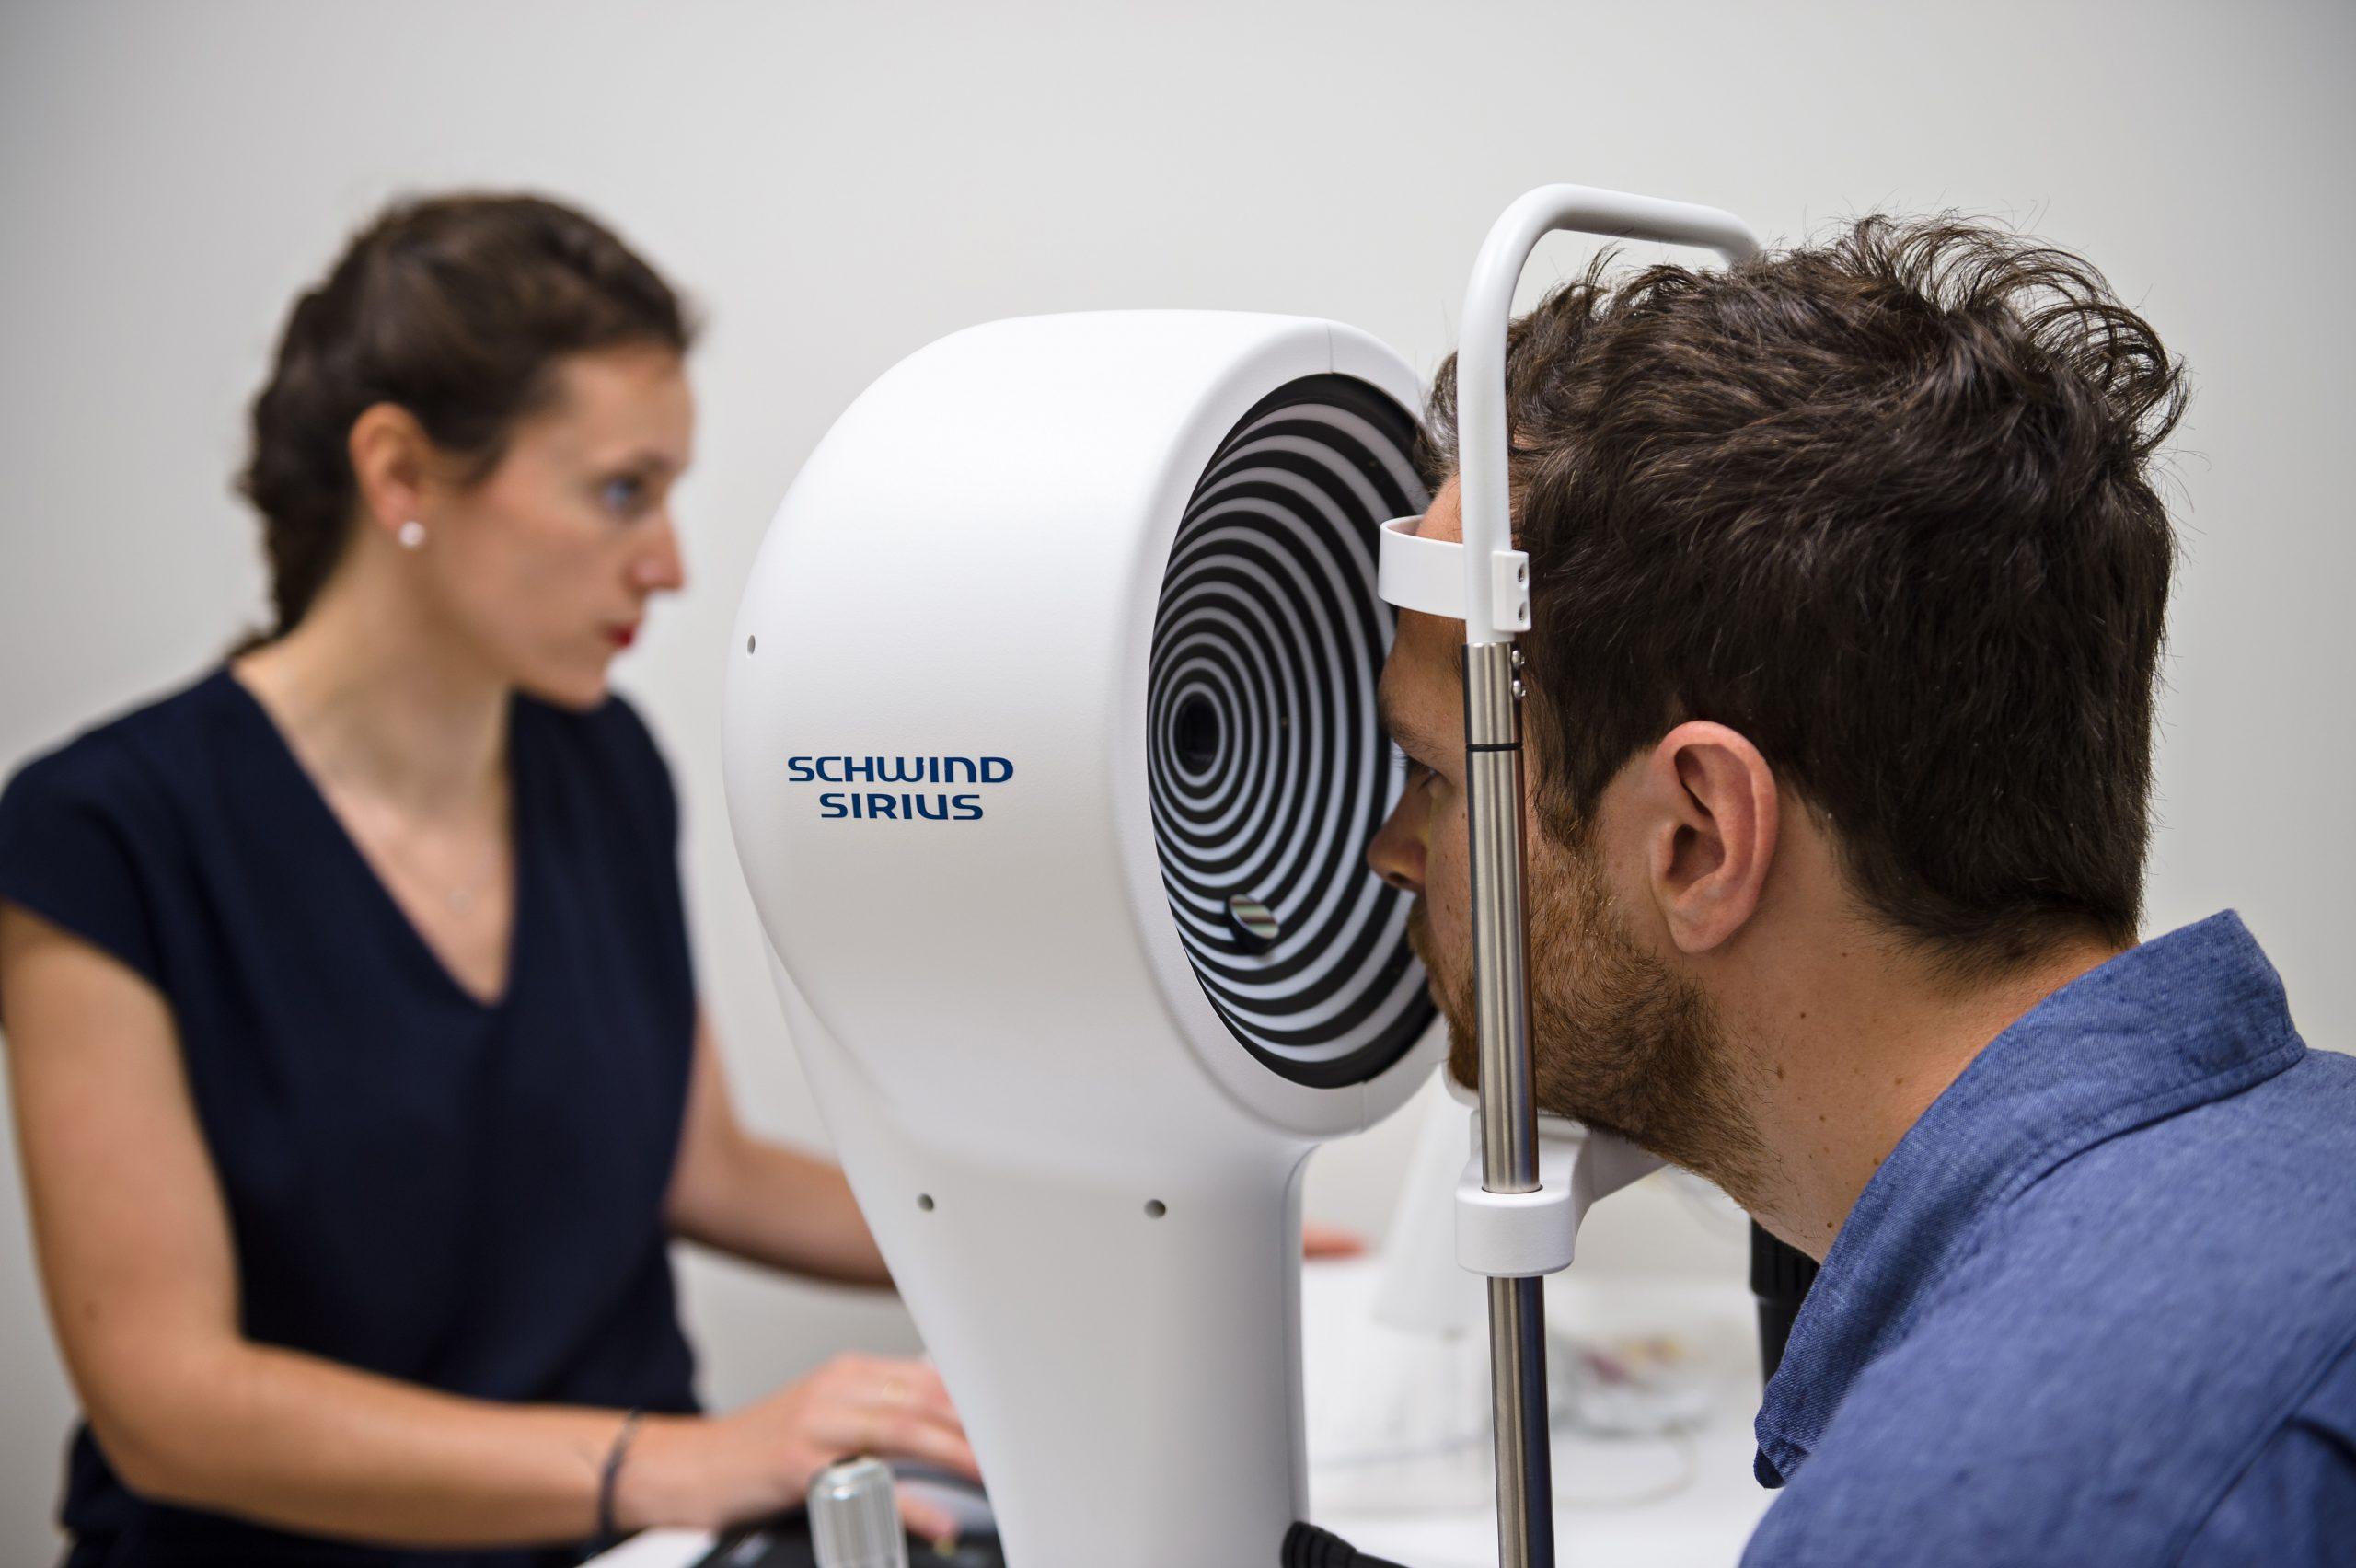 Parc laser vision analyse schwind sirius